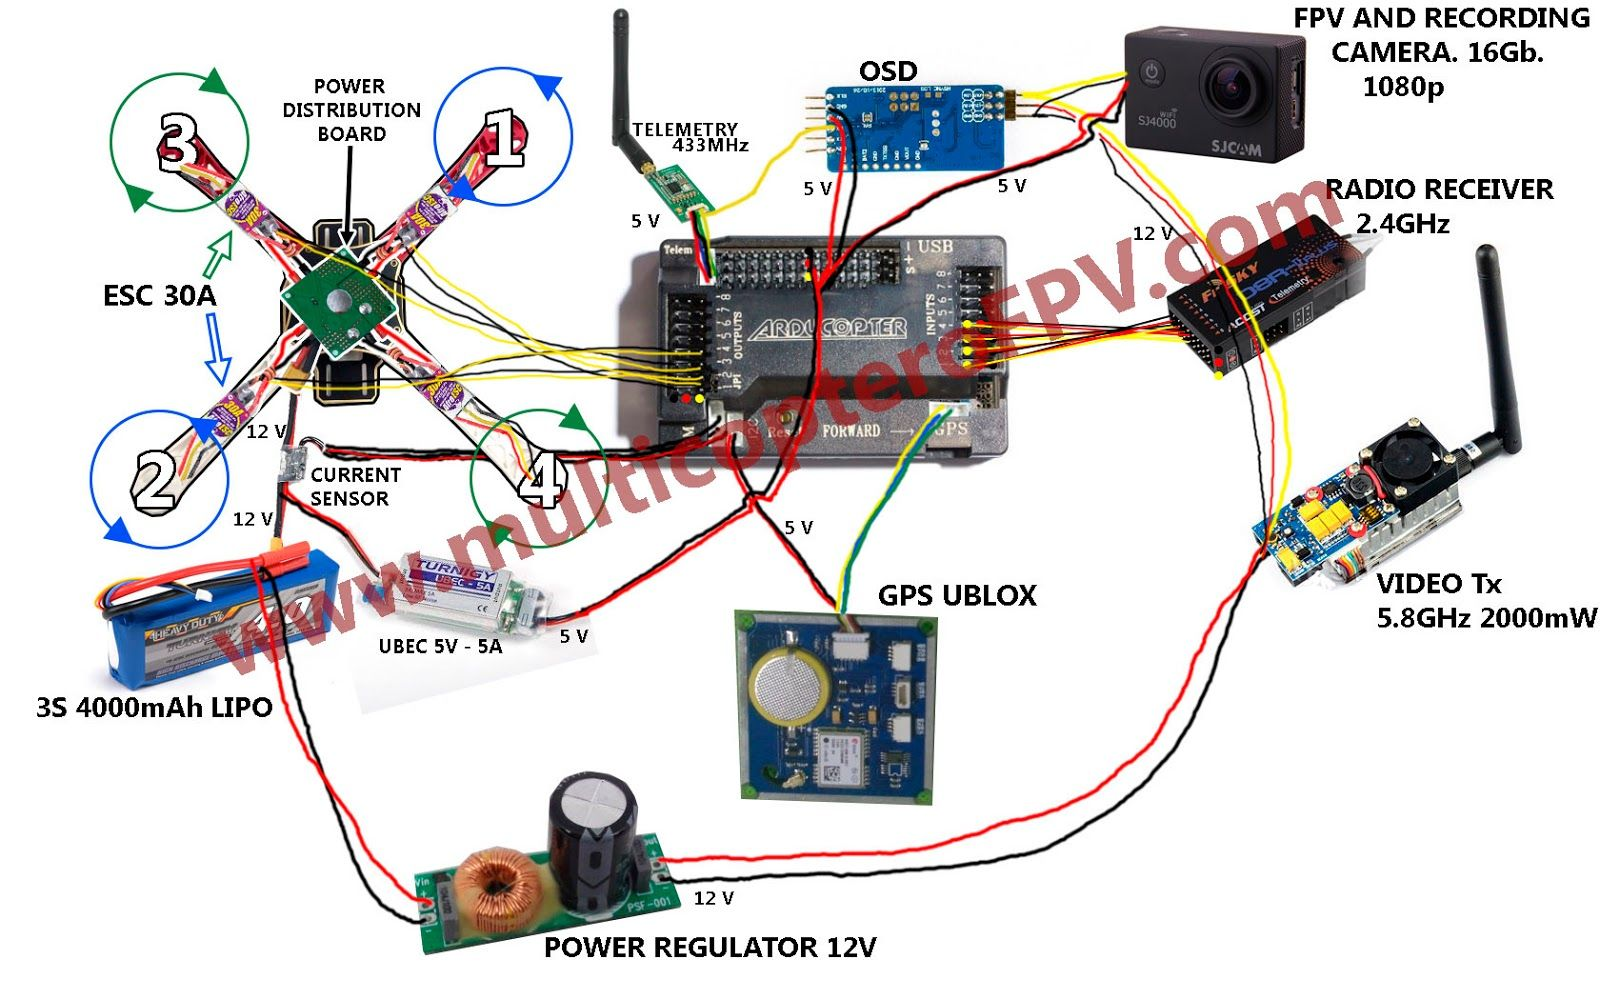 small resolution of plano de conexiones de arducopter apm 2 6 con gps telemetr a y osd wiring diagram 2 6 also build your own quadcopter also arducopter